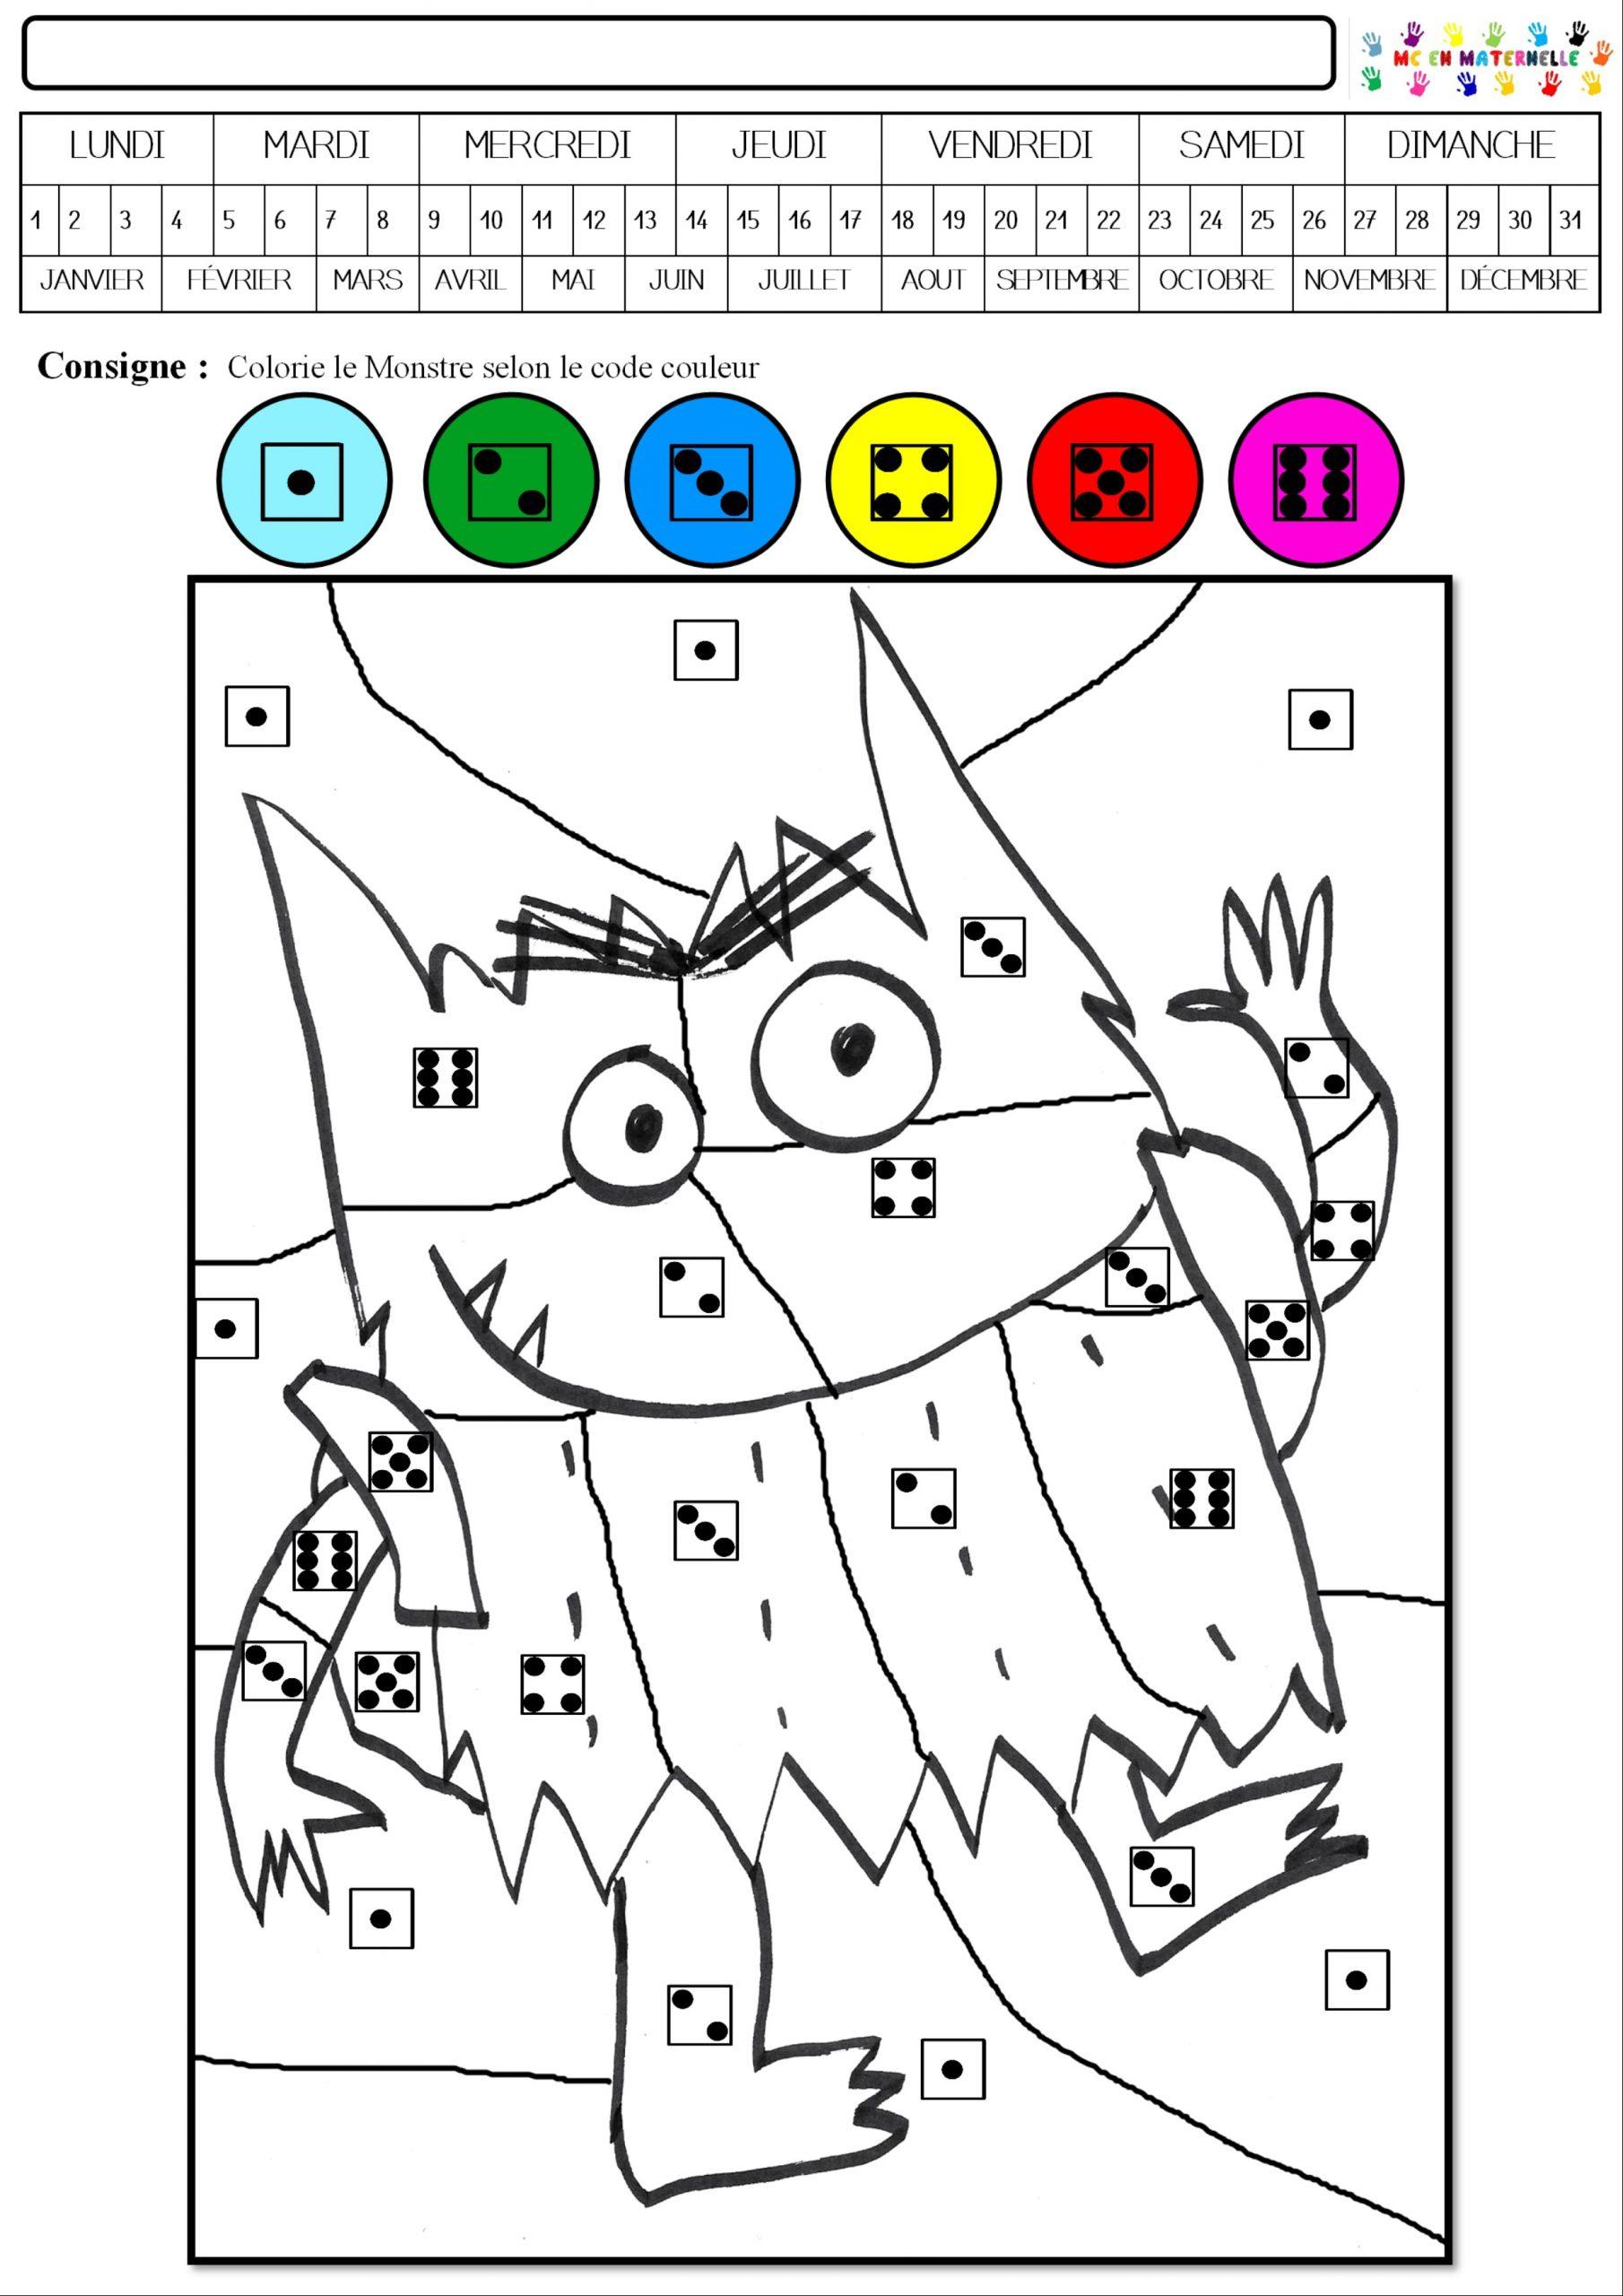 Le Monstre Des Couleurs Va À L'école : Coloriage Magique à Coloriage Codé Gs